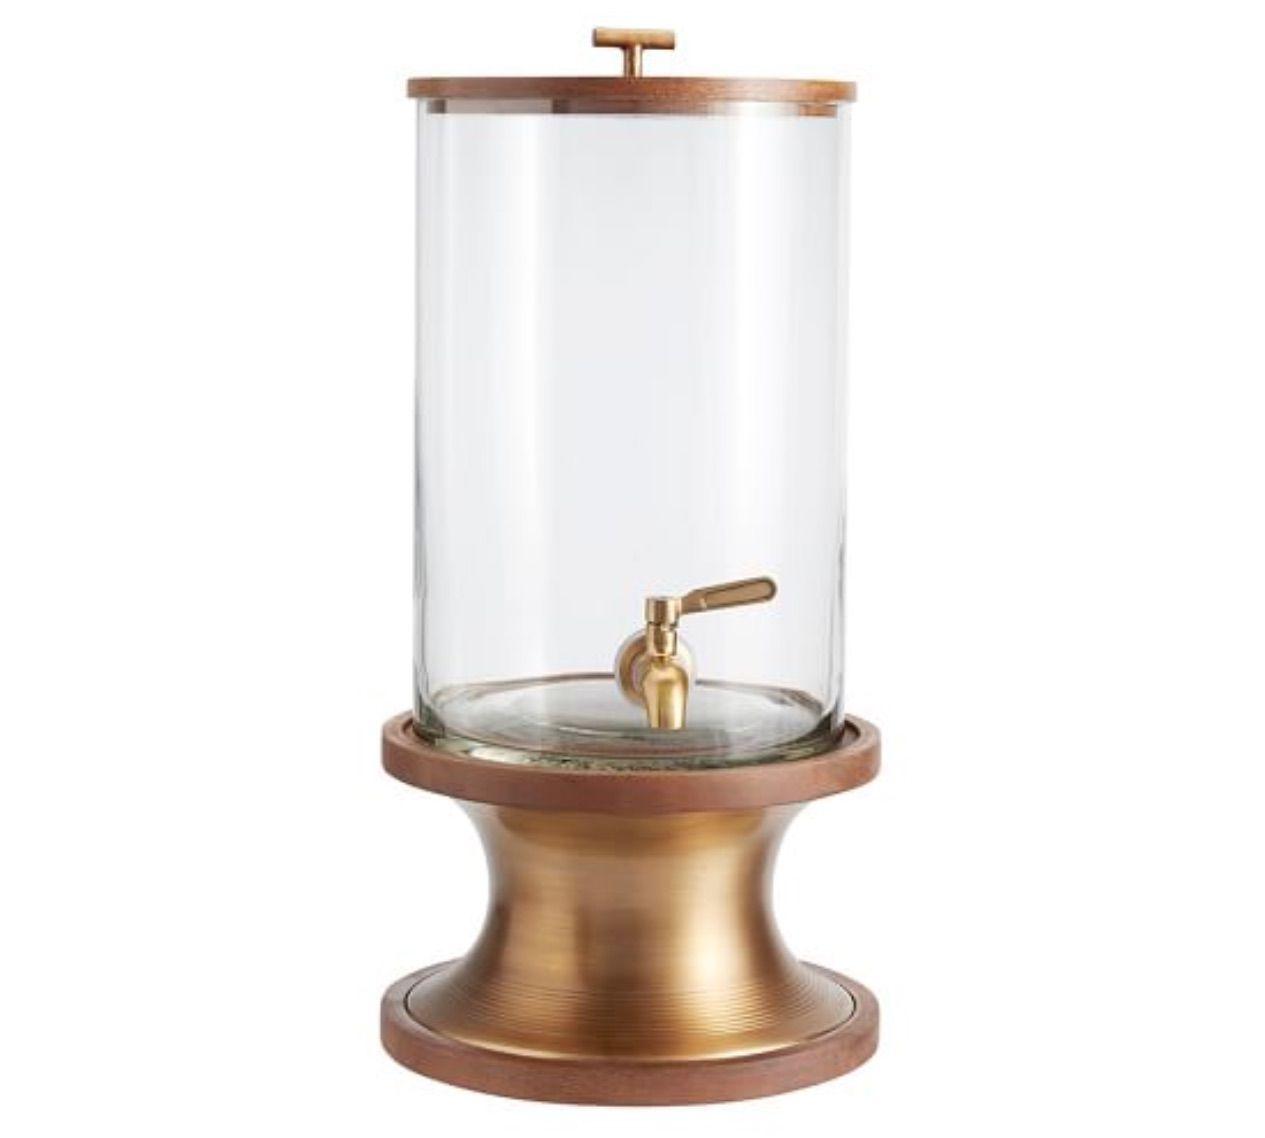 Bleeker Beverage Dispenser